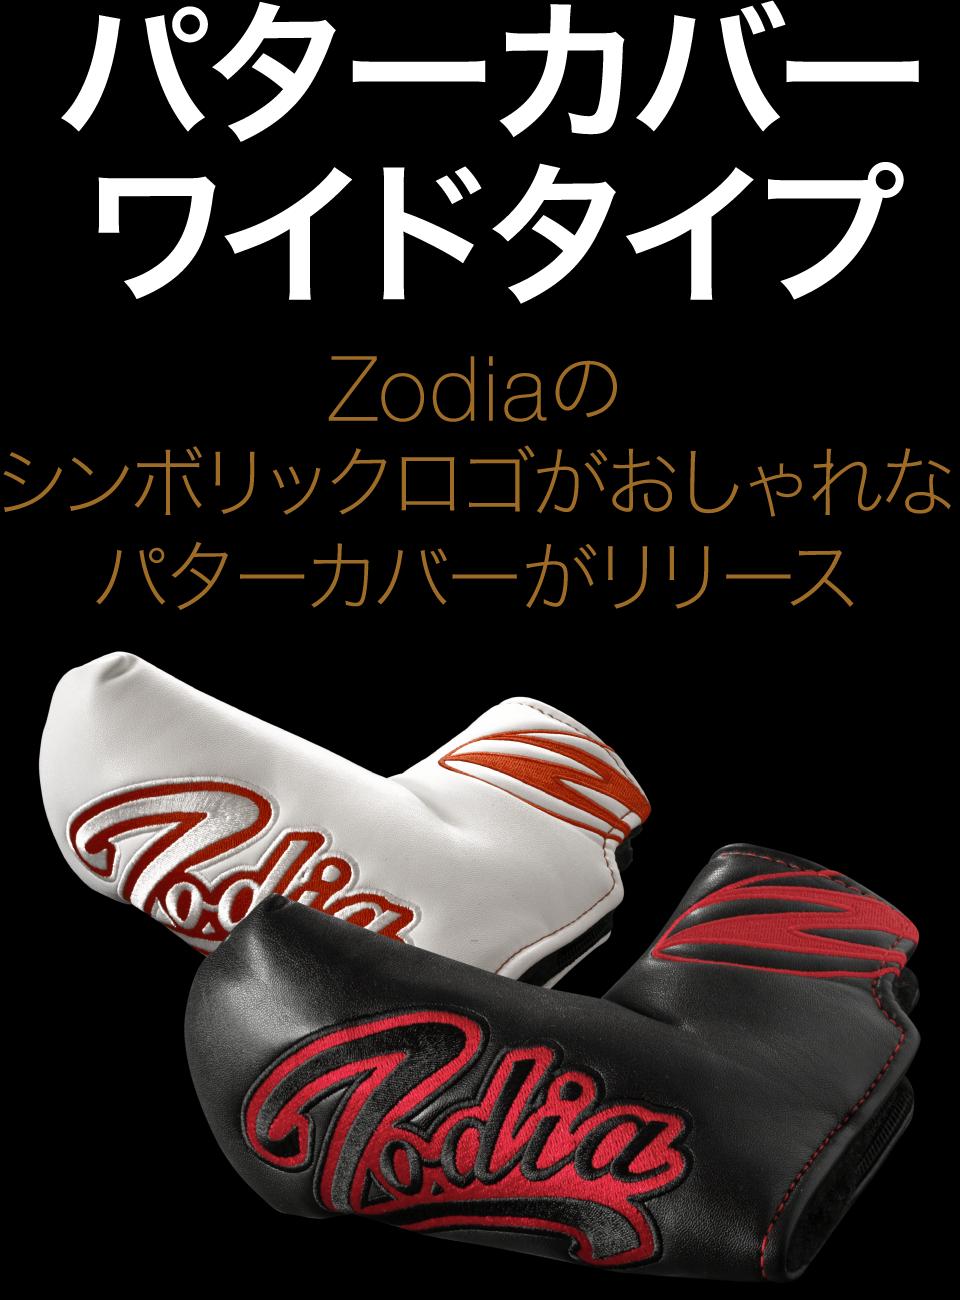 Zodiaオリジナルパターカバー。Zodiaの統一された世界観をキャディバッグにも。